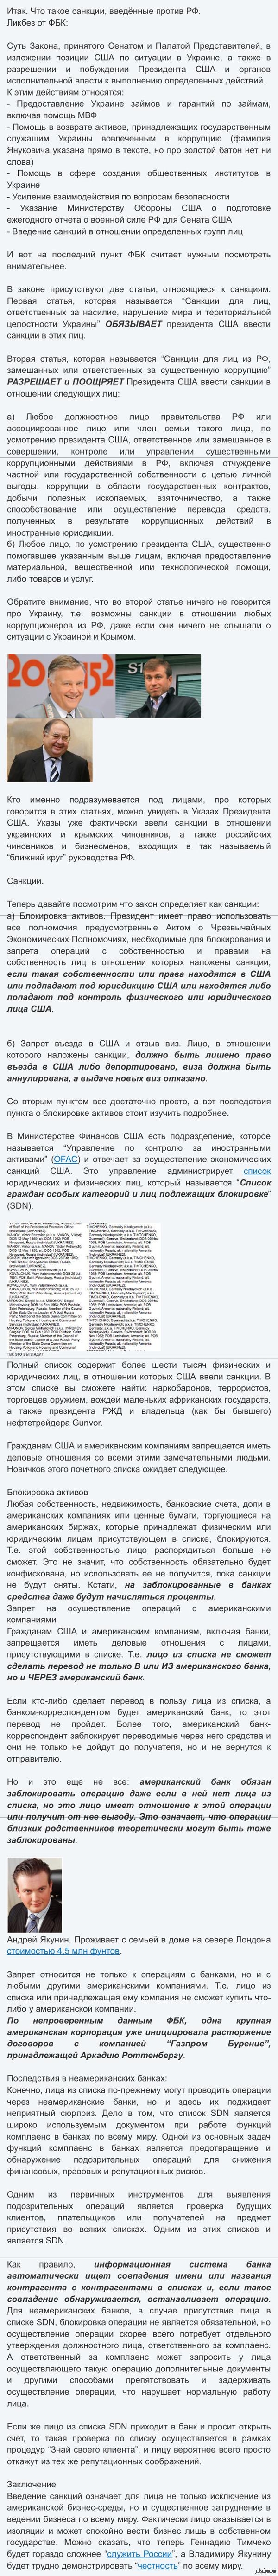 Немного о санкциях, введённых США против РФ (анализ от ФБК) Небольшой инфопост с реальным анализом санкций, введённых США против Российских чиновников, в пику путанным обзорам и страшилкам в СМИ